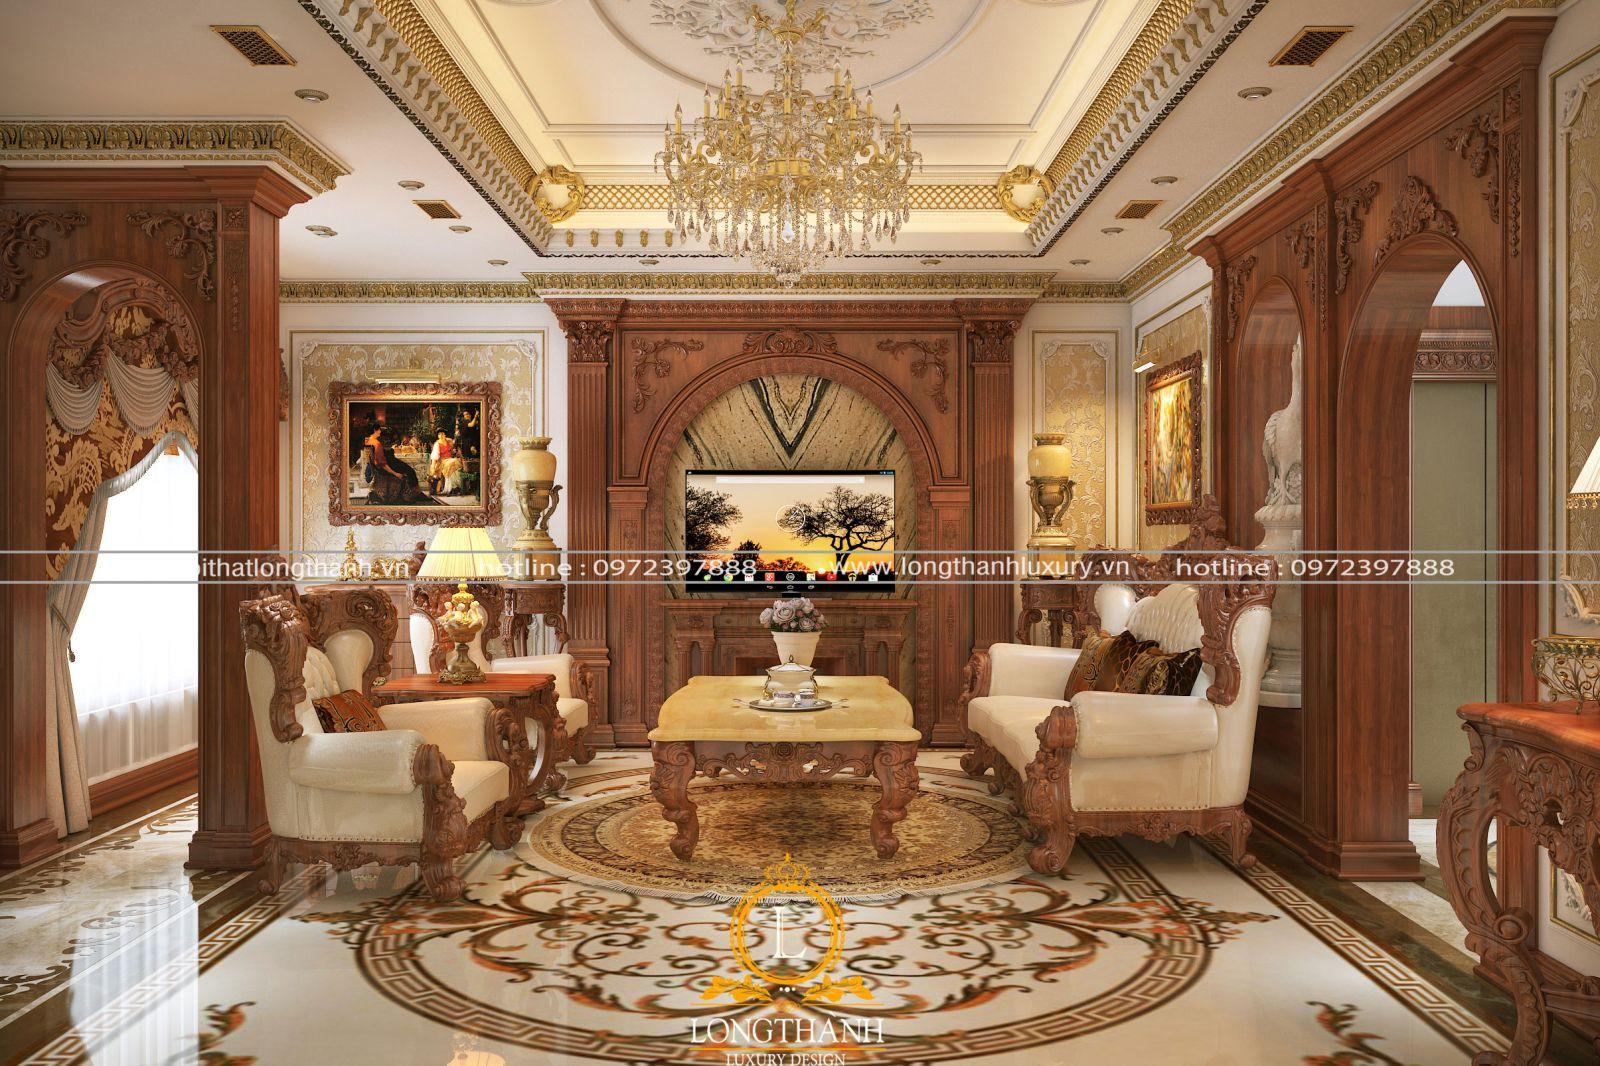 Mẫu phòng khách tân cổ điển với họa tiết hoa văn tinh tế